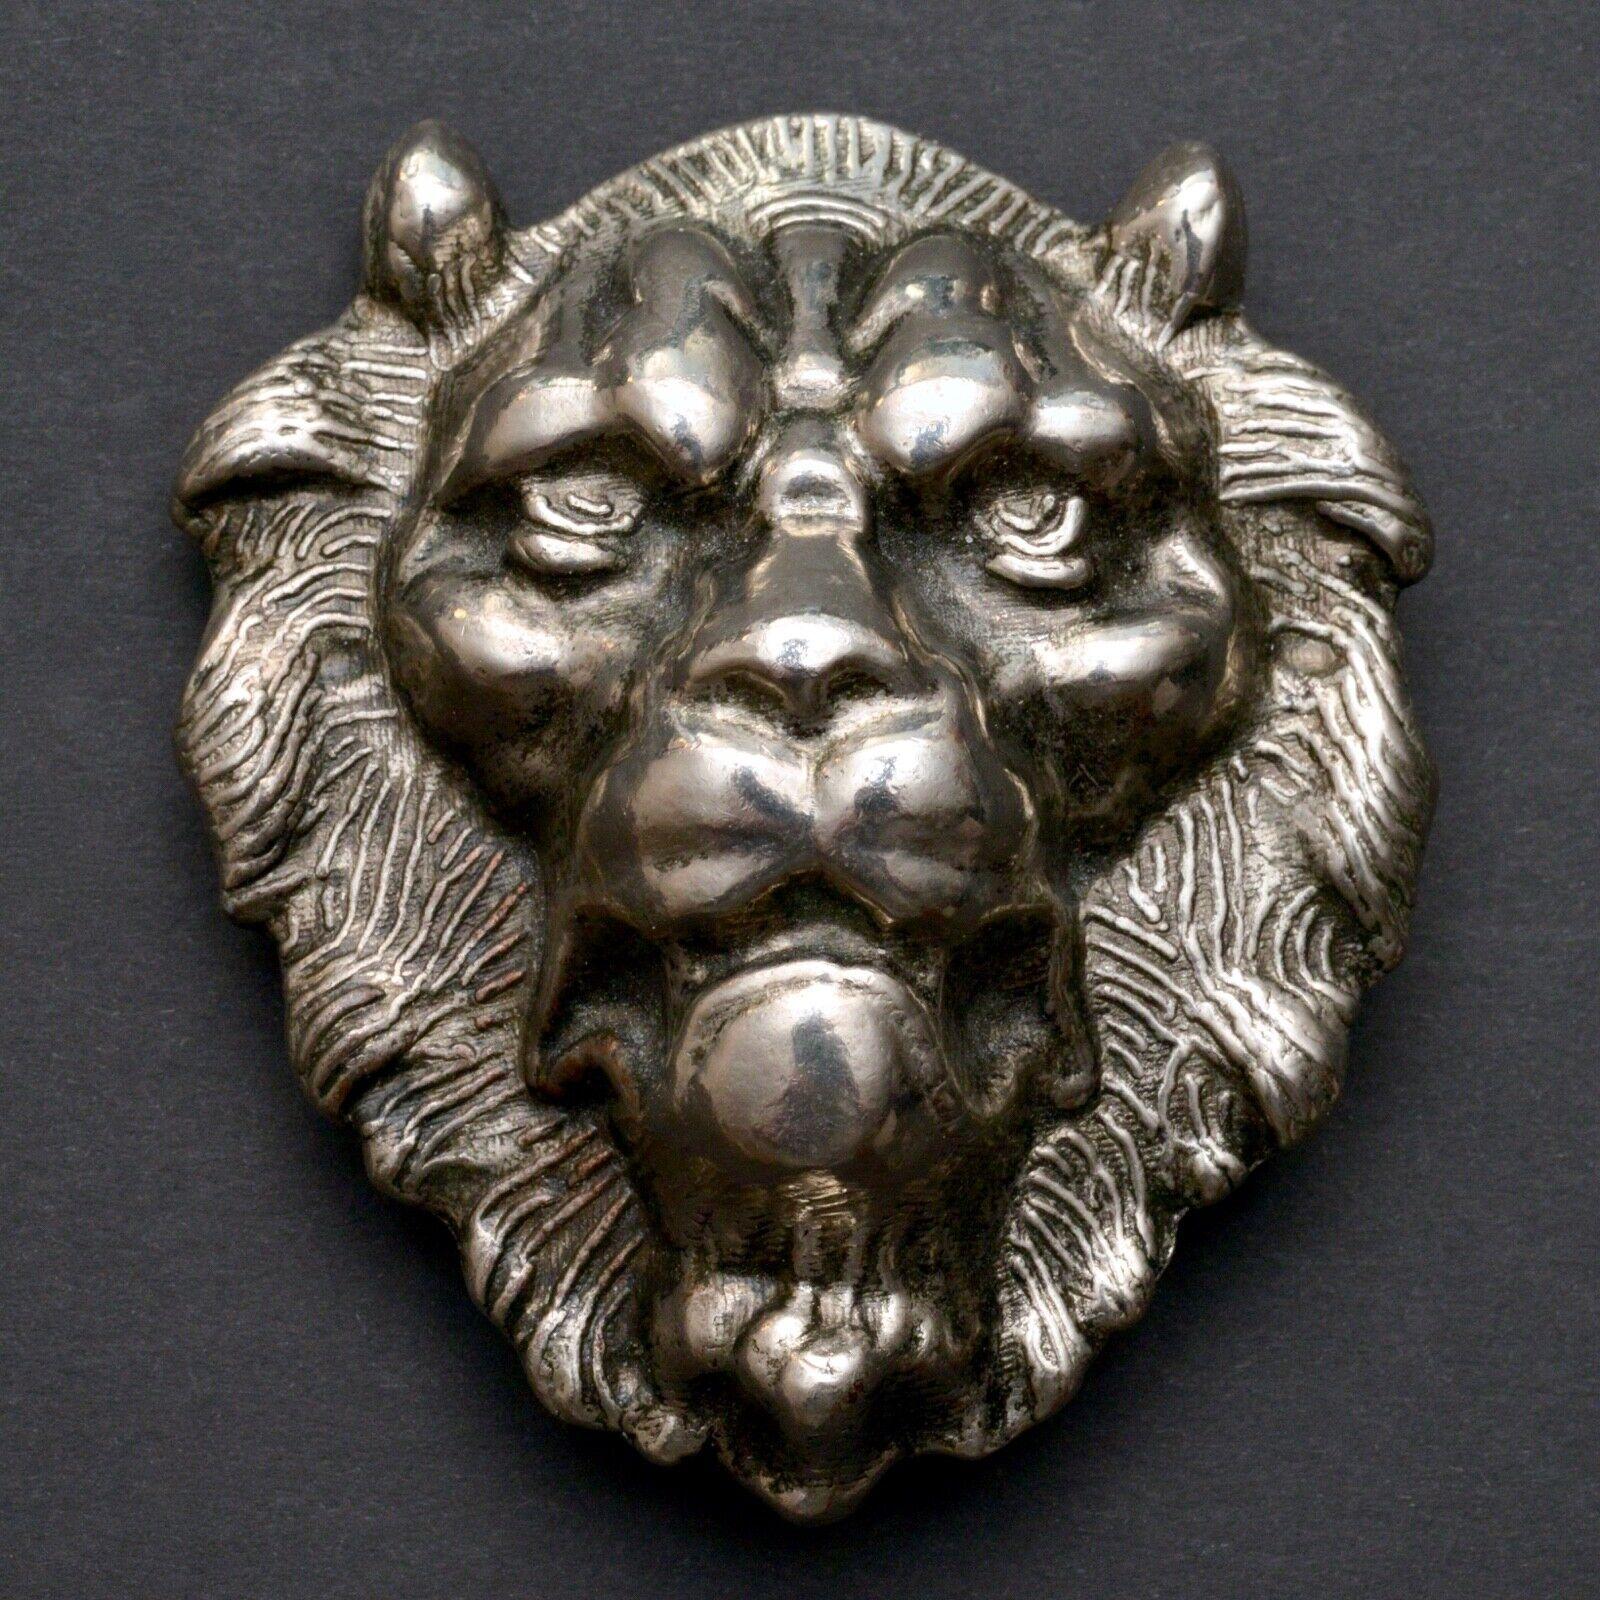 Schwere Metall Gürtelschnalle Löwenkopf LÖWE für 5 cm breite Gürtel